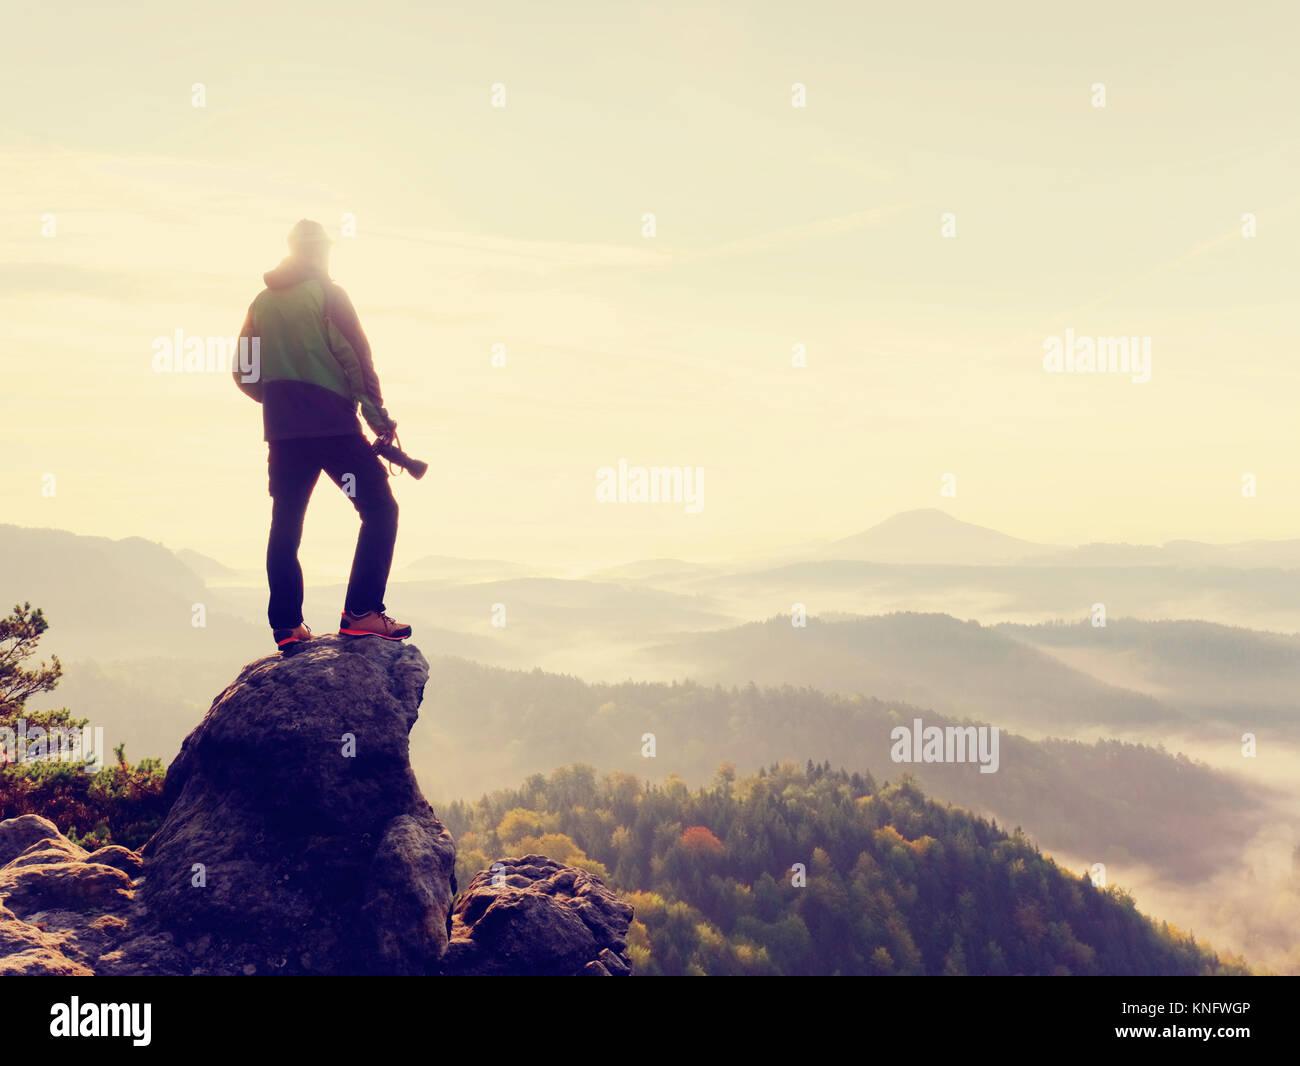 Photographe de la nature dans l'action. Silhouette de l'homme au-dessus d'un des nuages brumeux matin, Photo Stock